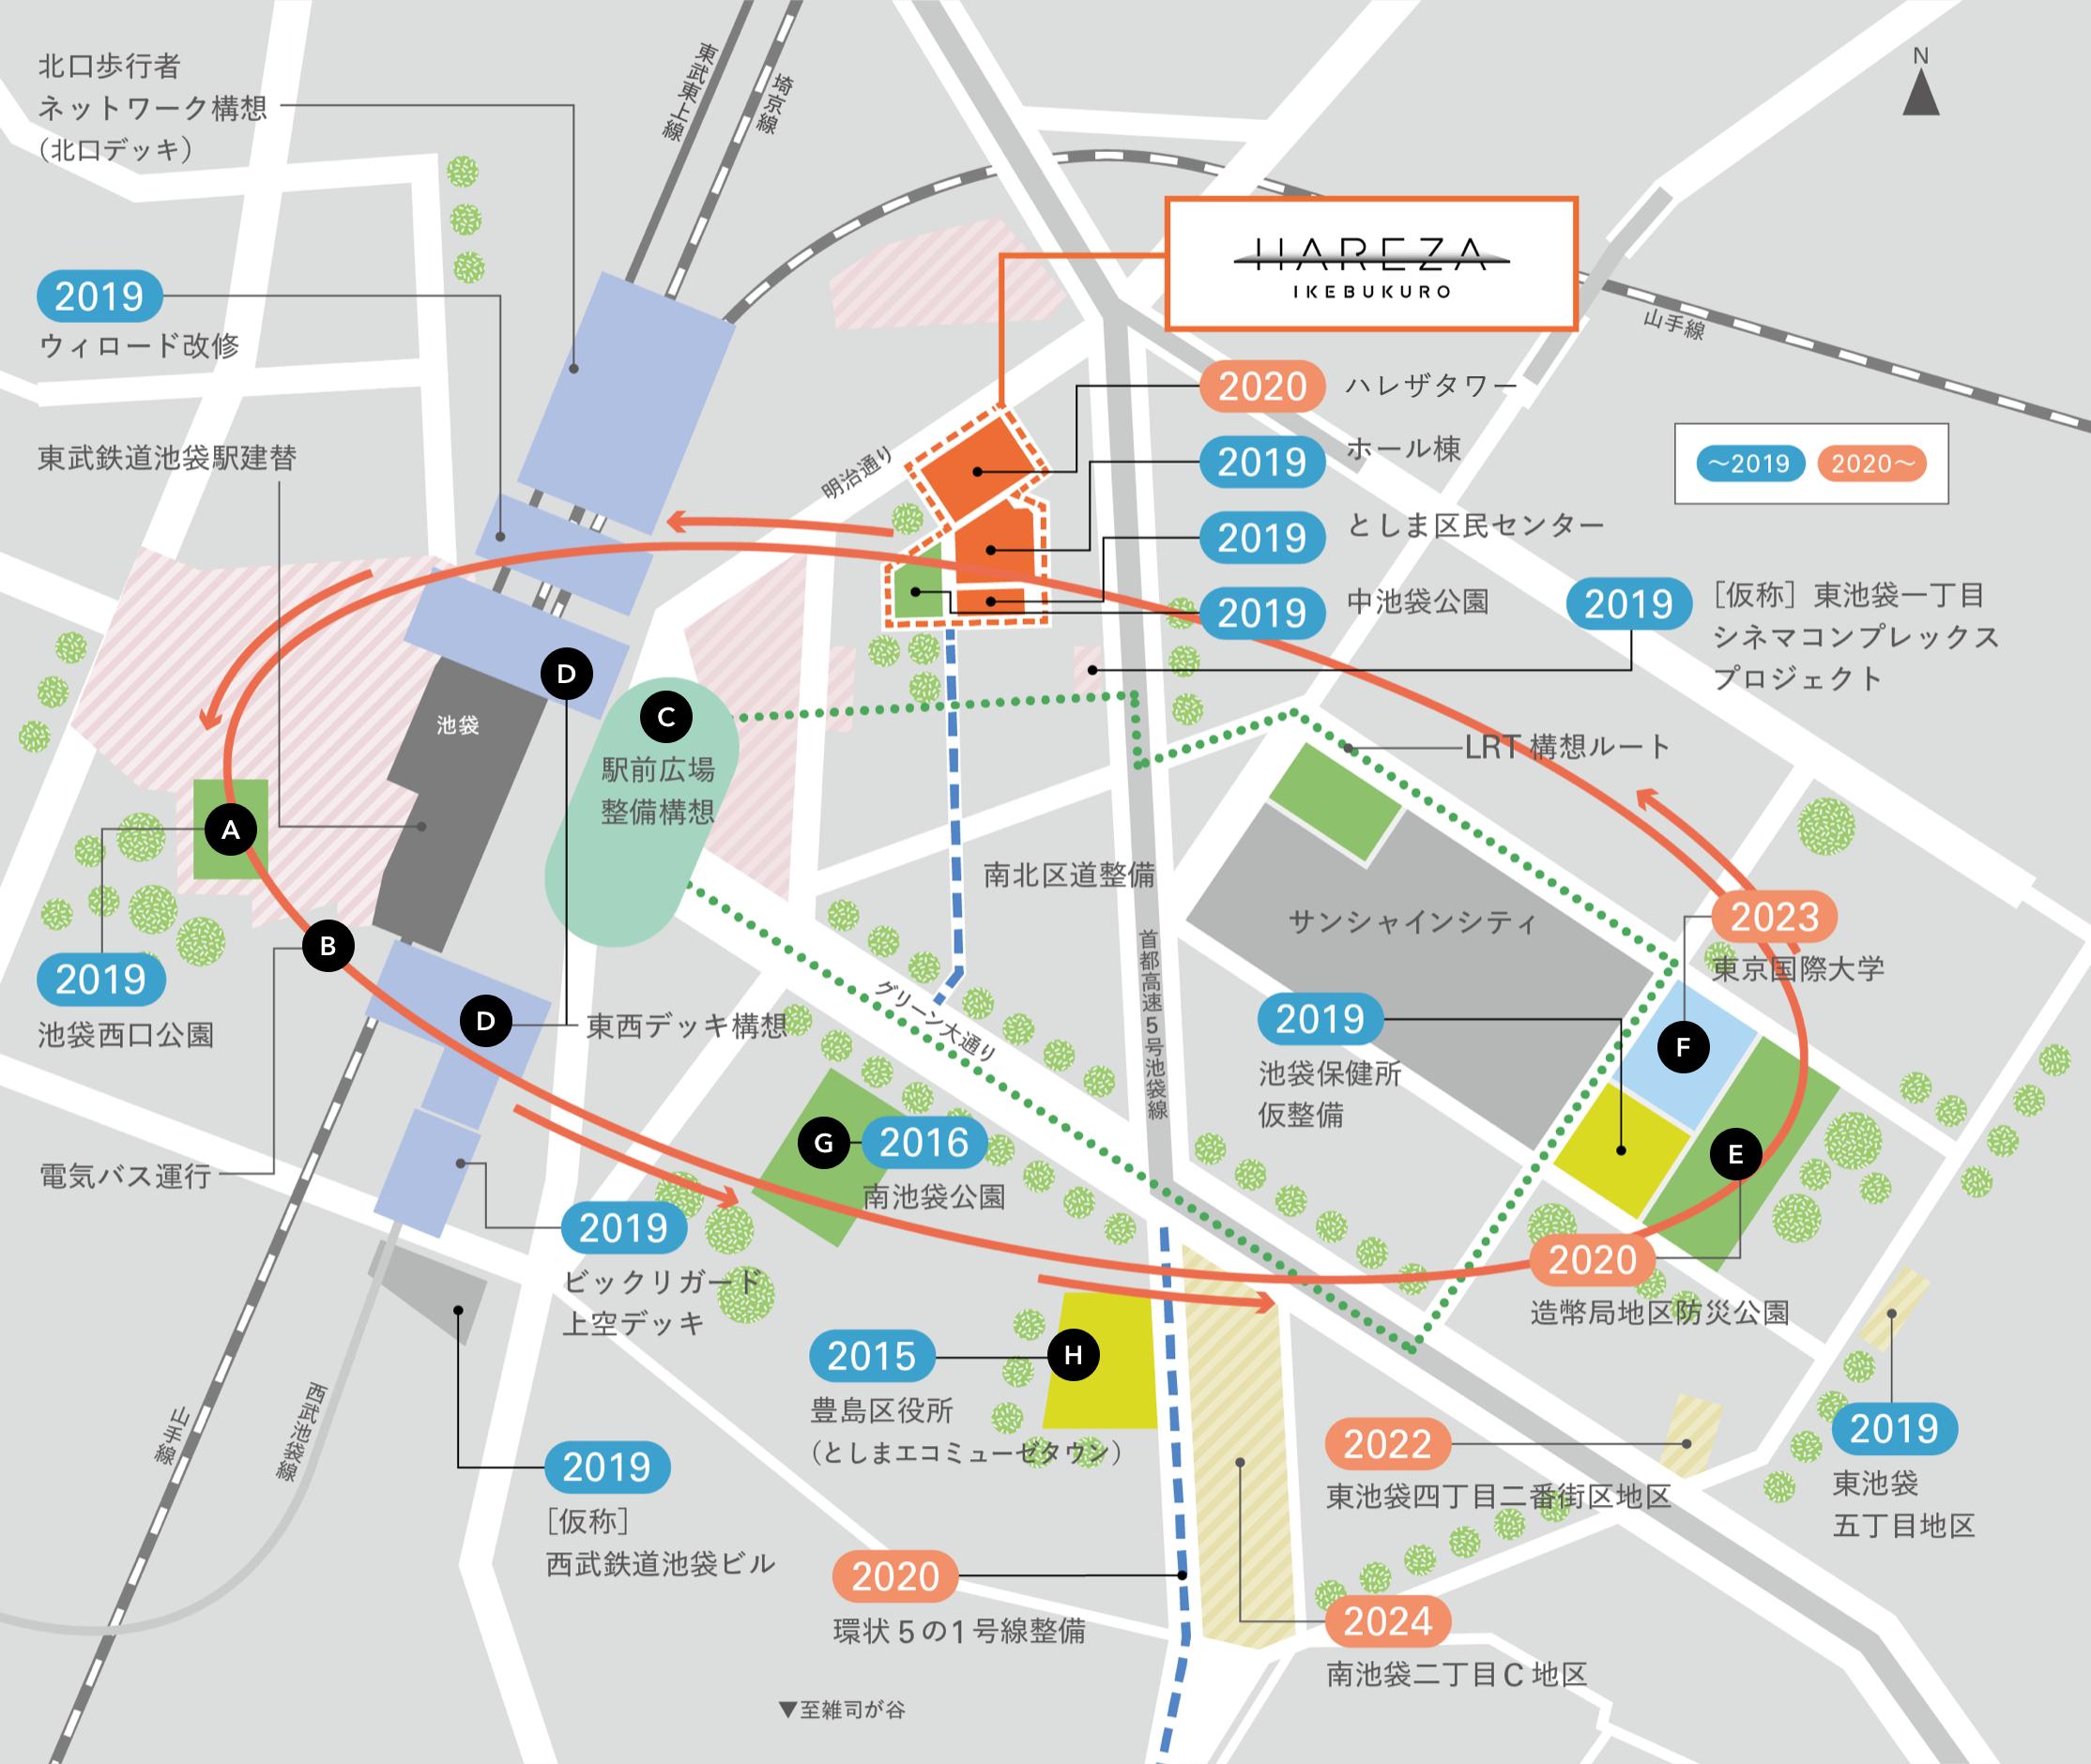 再 開発 池袋 池袋は4つの公園を中心に生まれ変わる、都市構想